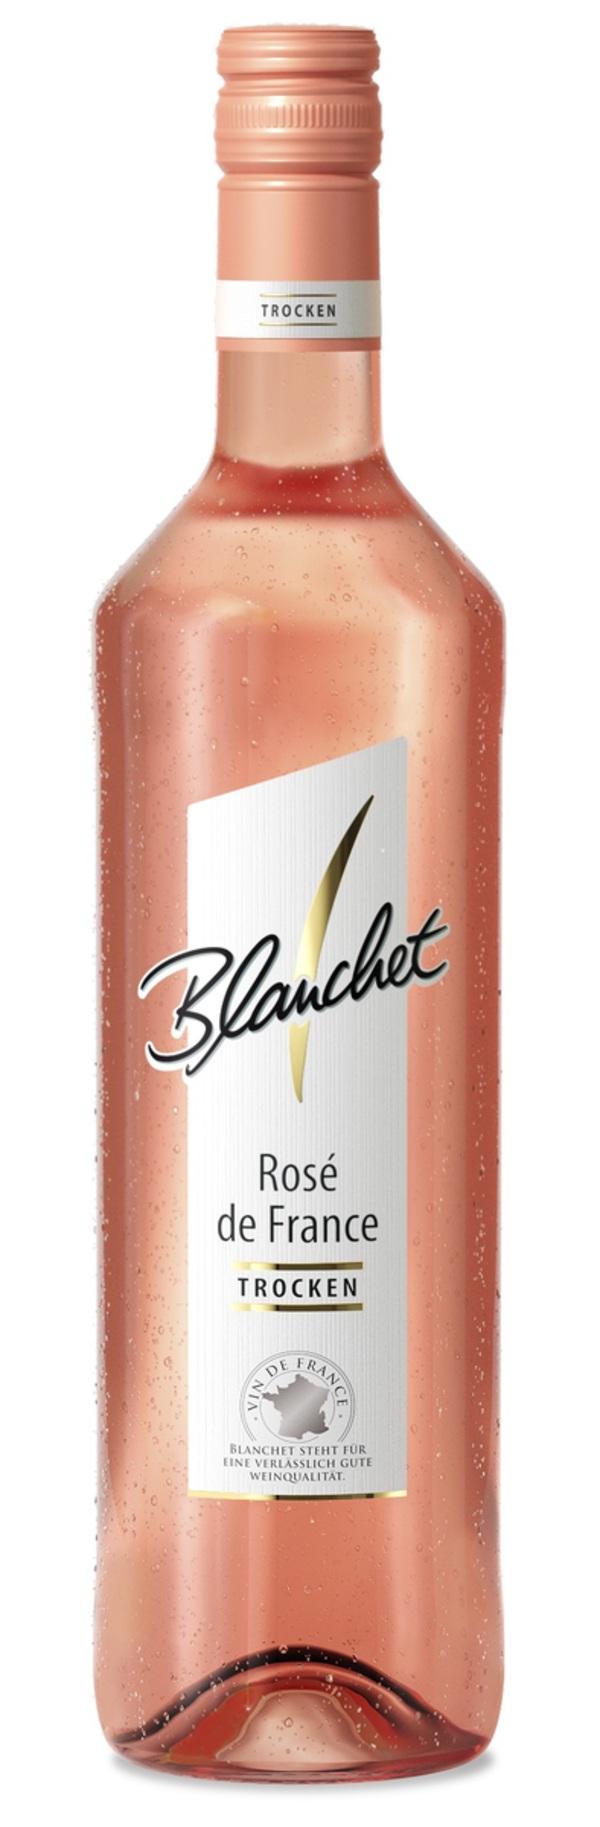 Blanchet Rosé de France Roséwein Trocken 0,75 ltr